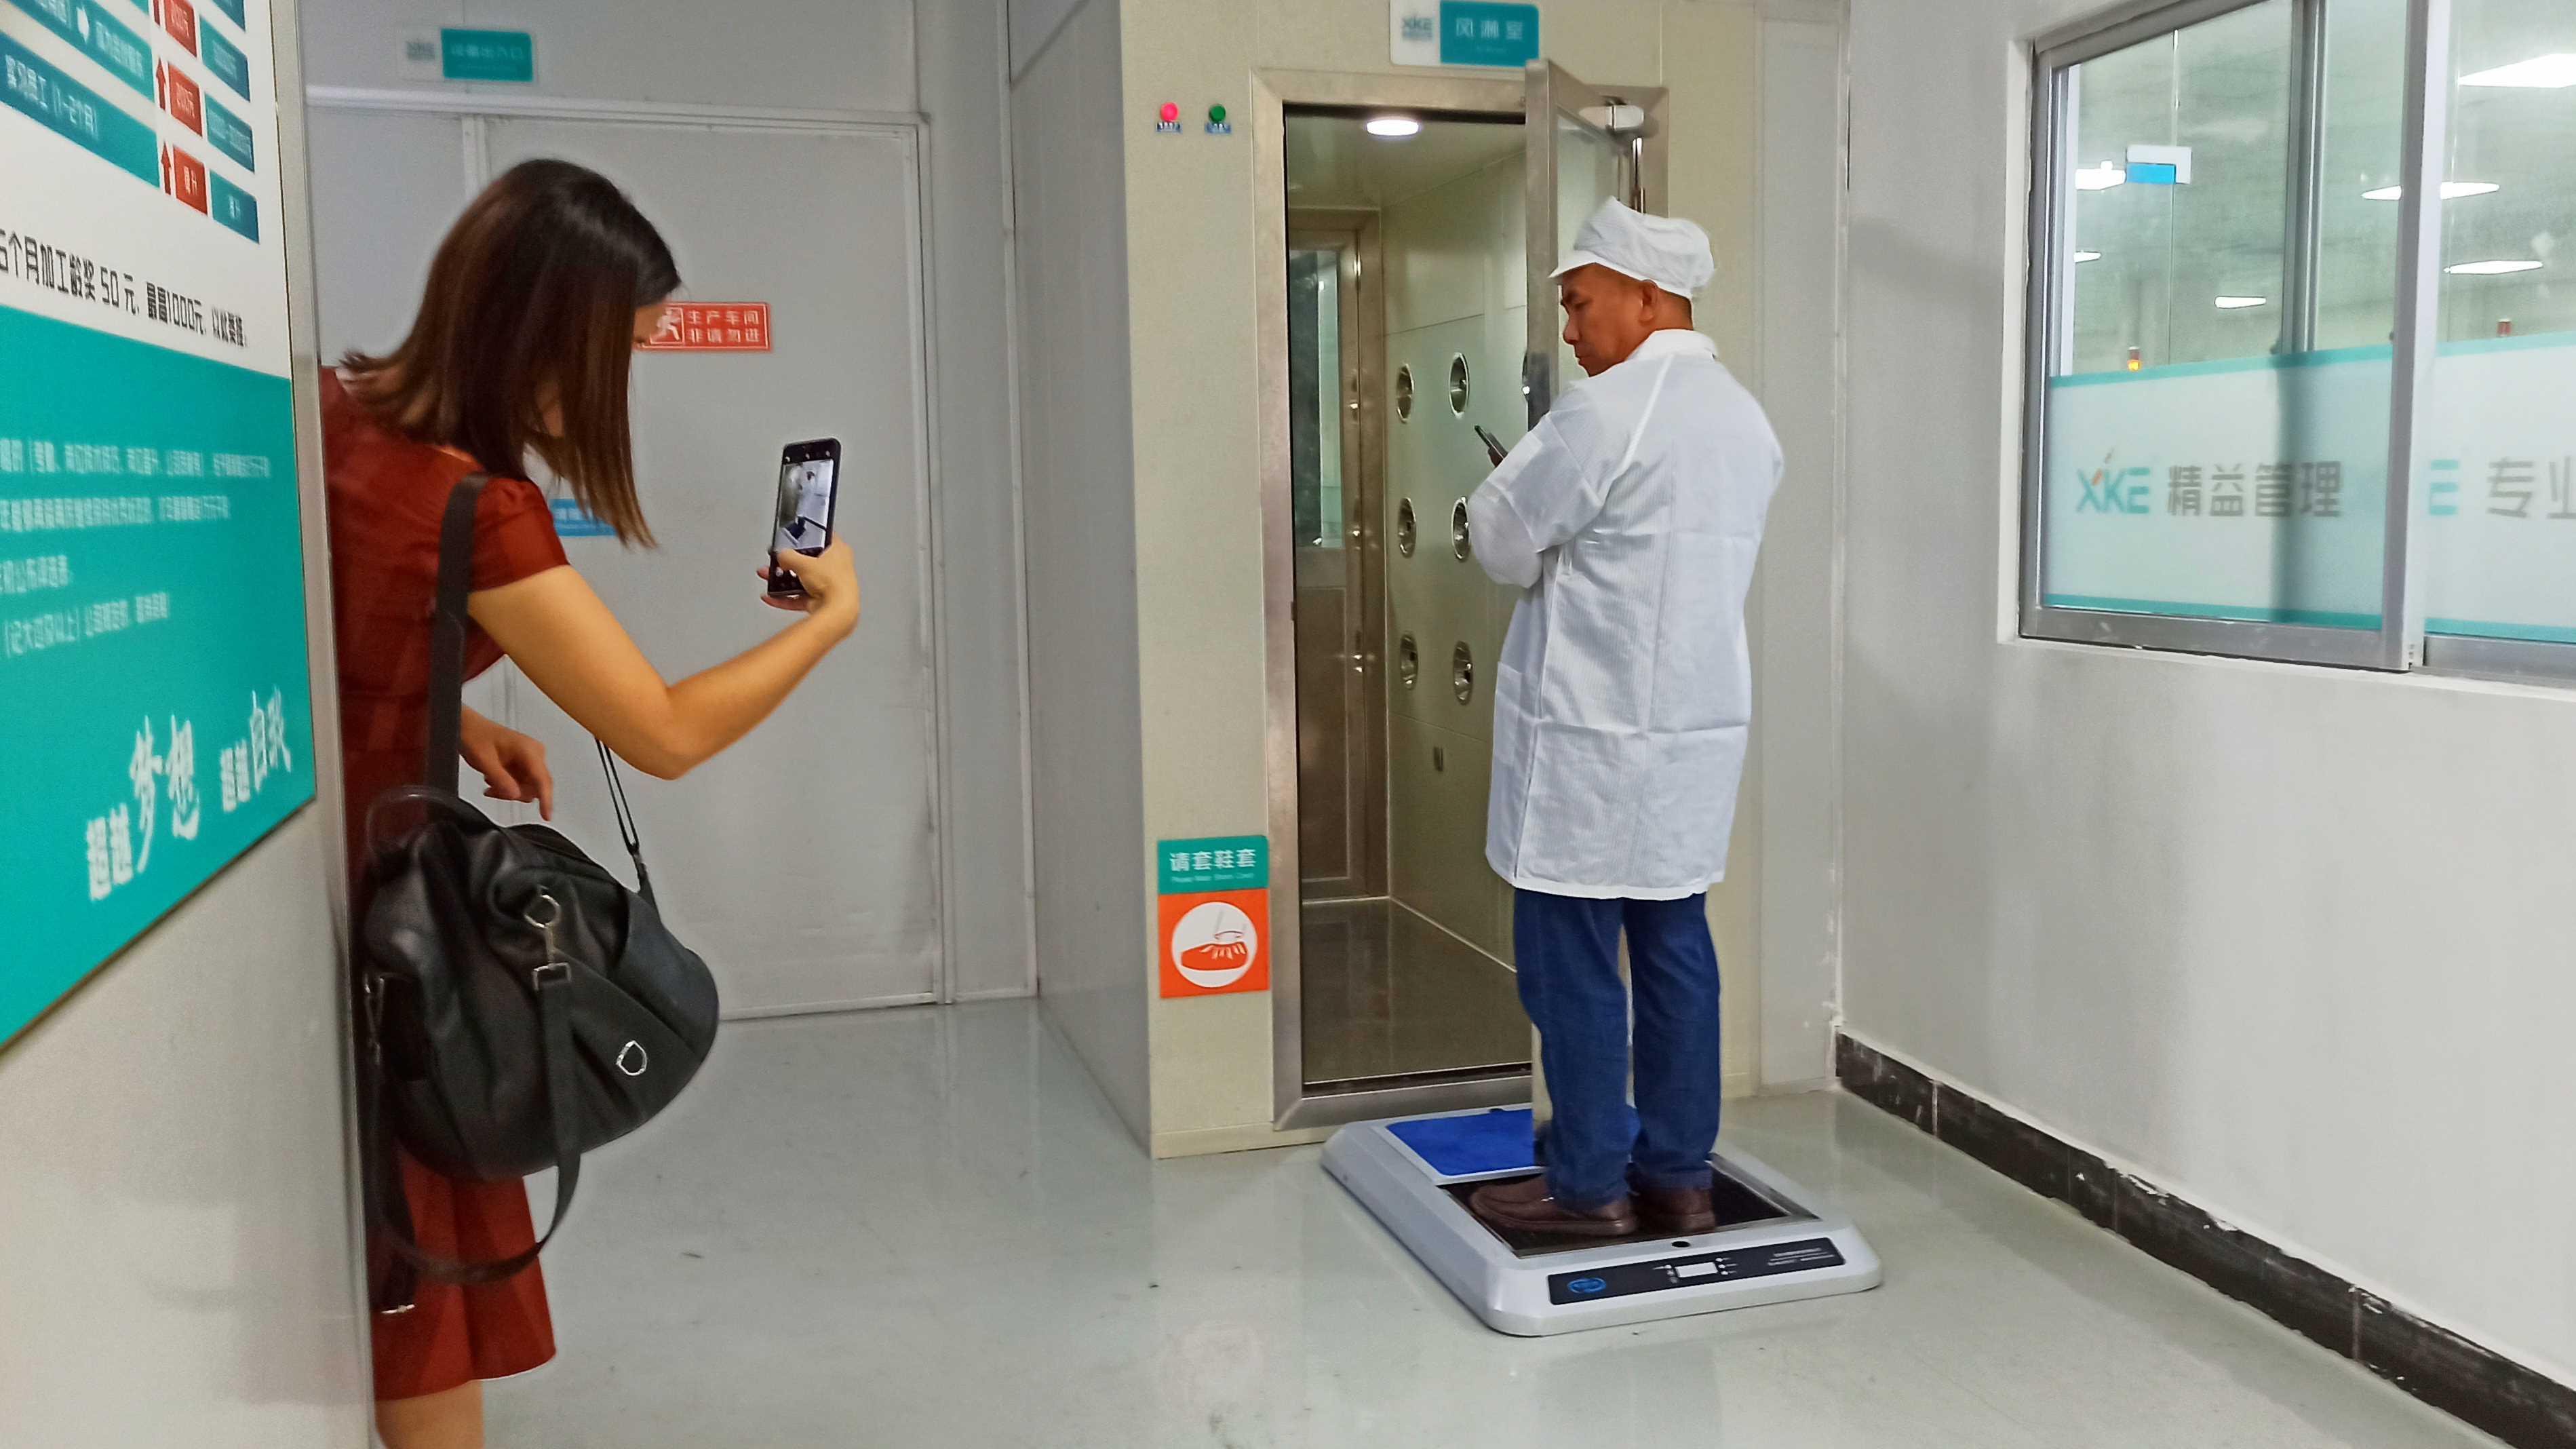 中国合瑞入口鞋底清洗机,为家庭企业洁净环境创造价值